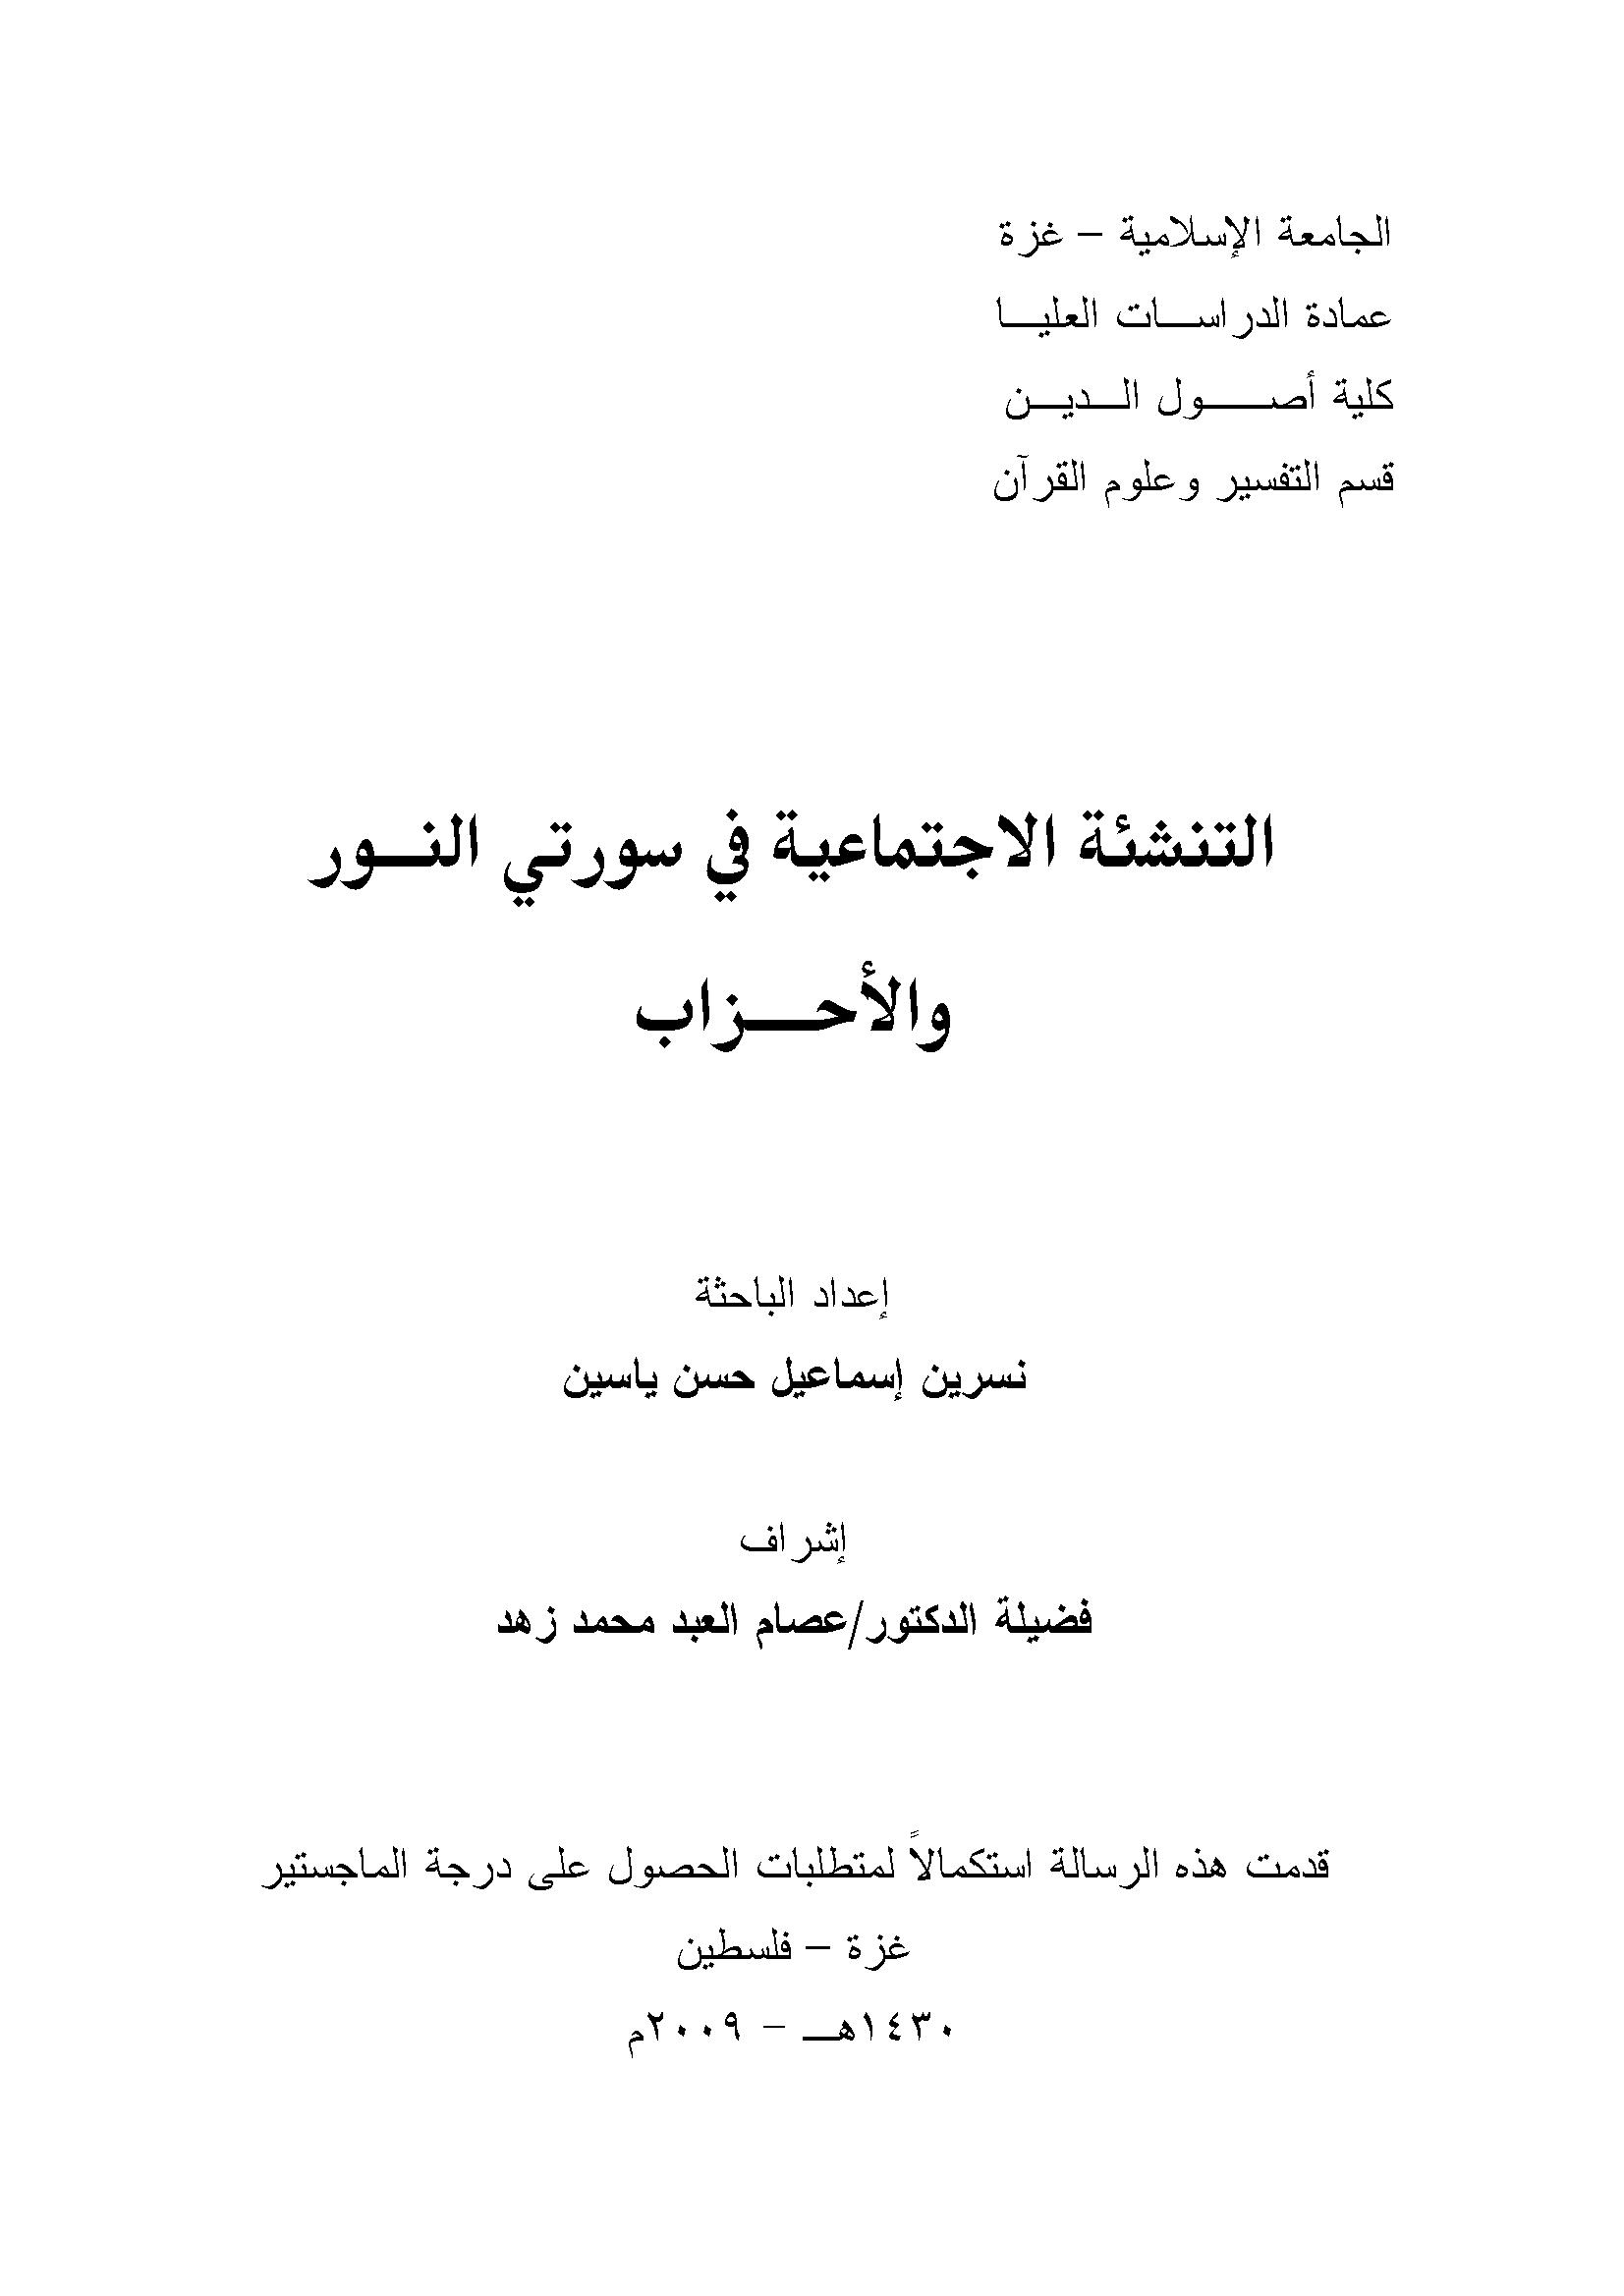 تحميل كتاب التنشئة الاجتماعية في سورتي النور والأحزاب لـِ: نسرين إسماعيل حسن ياسين